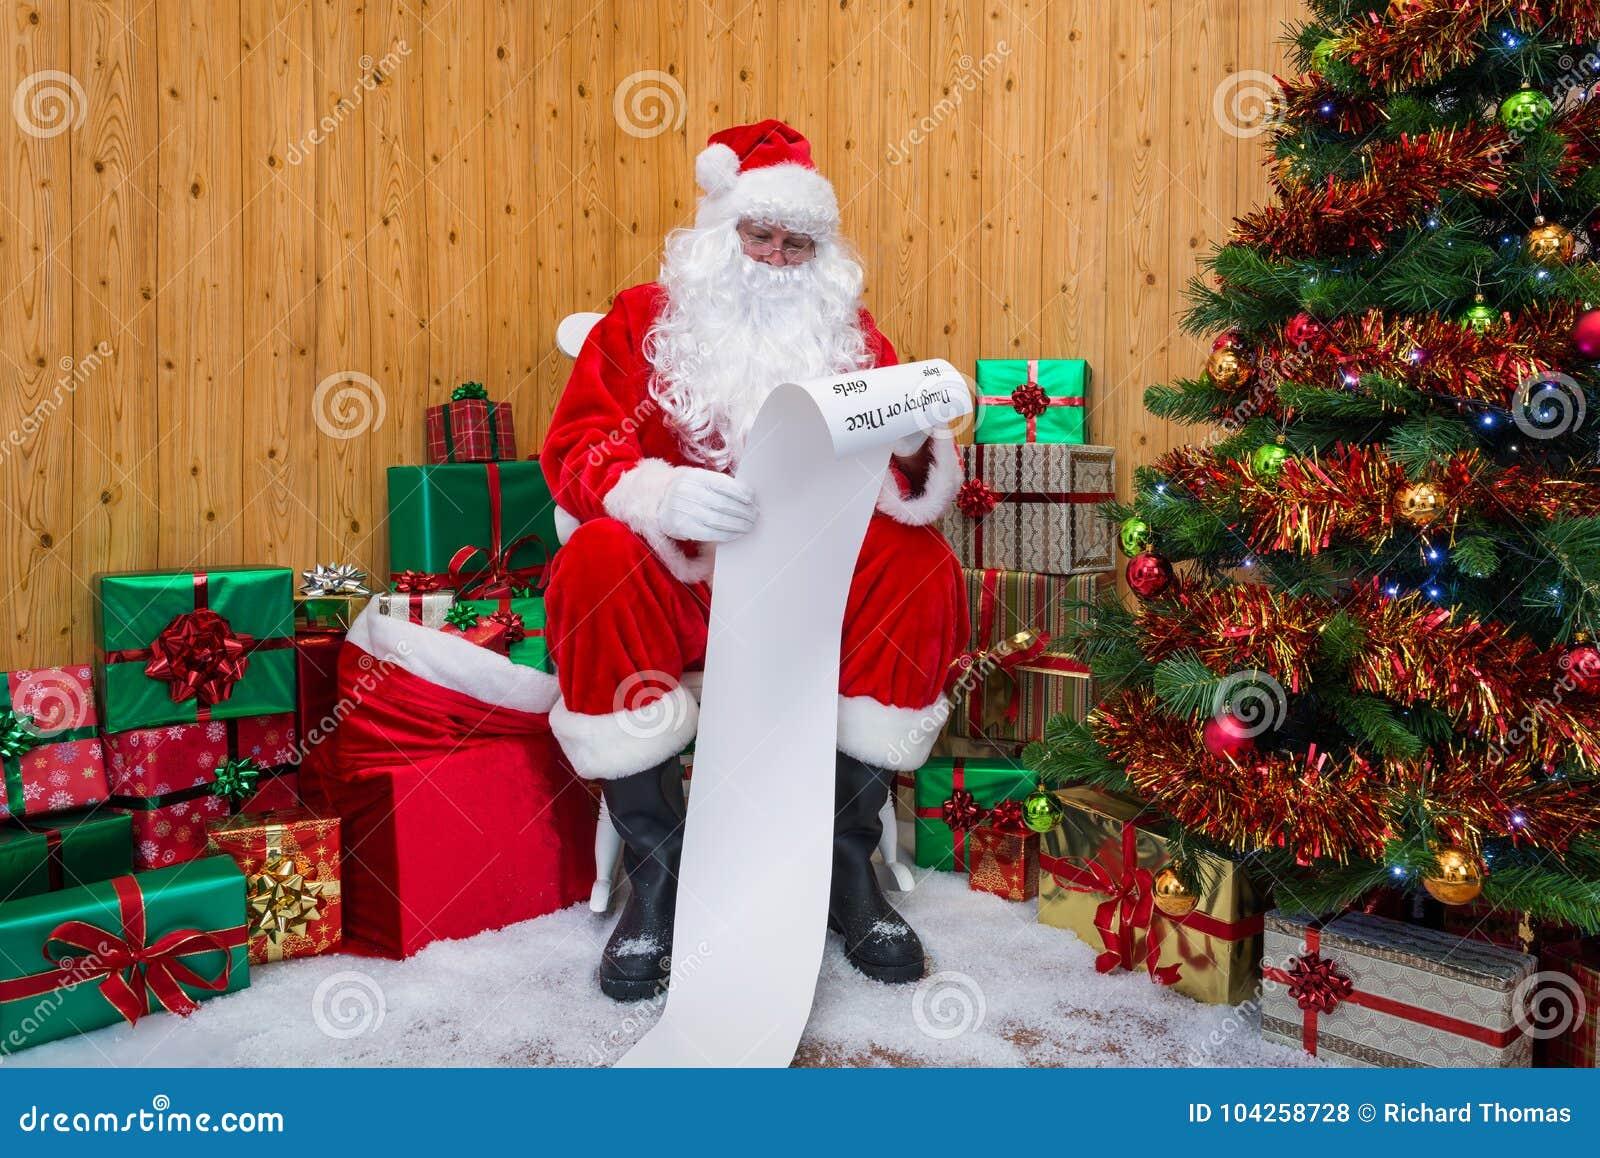 Άγιος Βασίλης σε ένα grotto που ελέγχει τον άτακτο ή συμπαθητικό κατάλογο